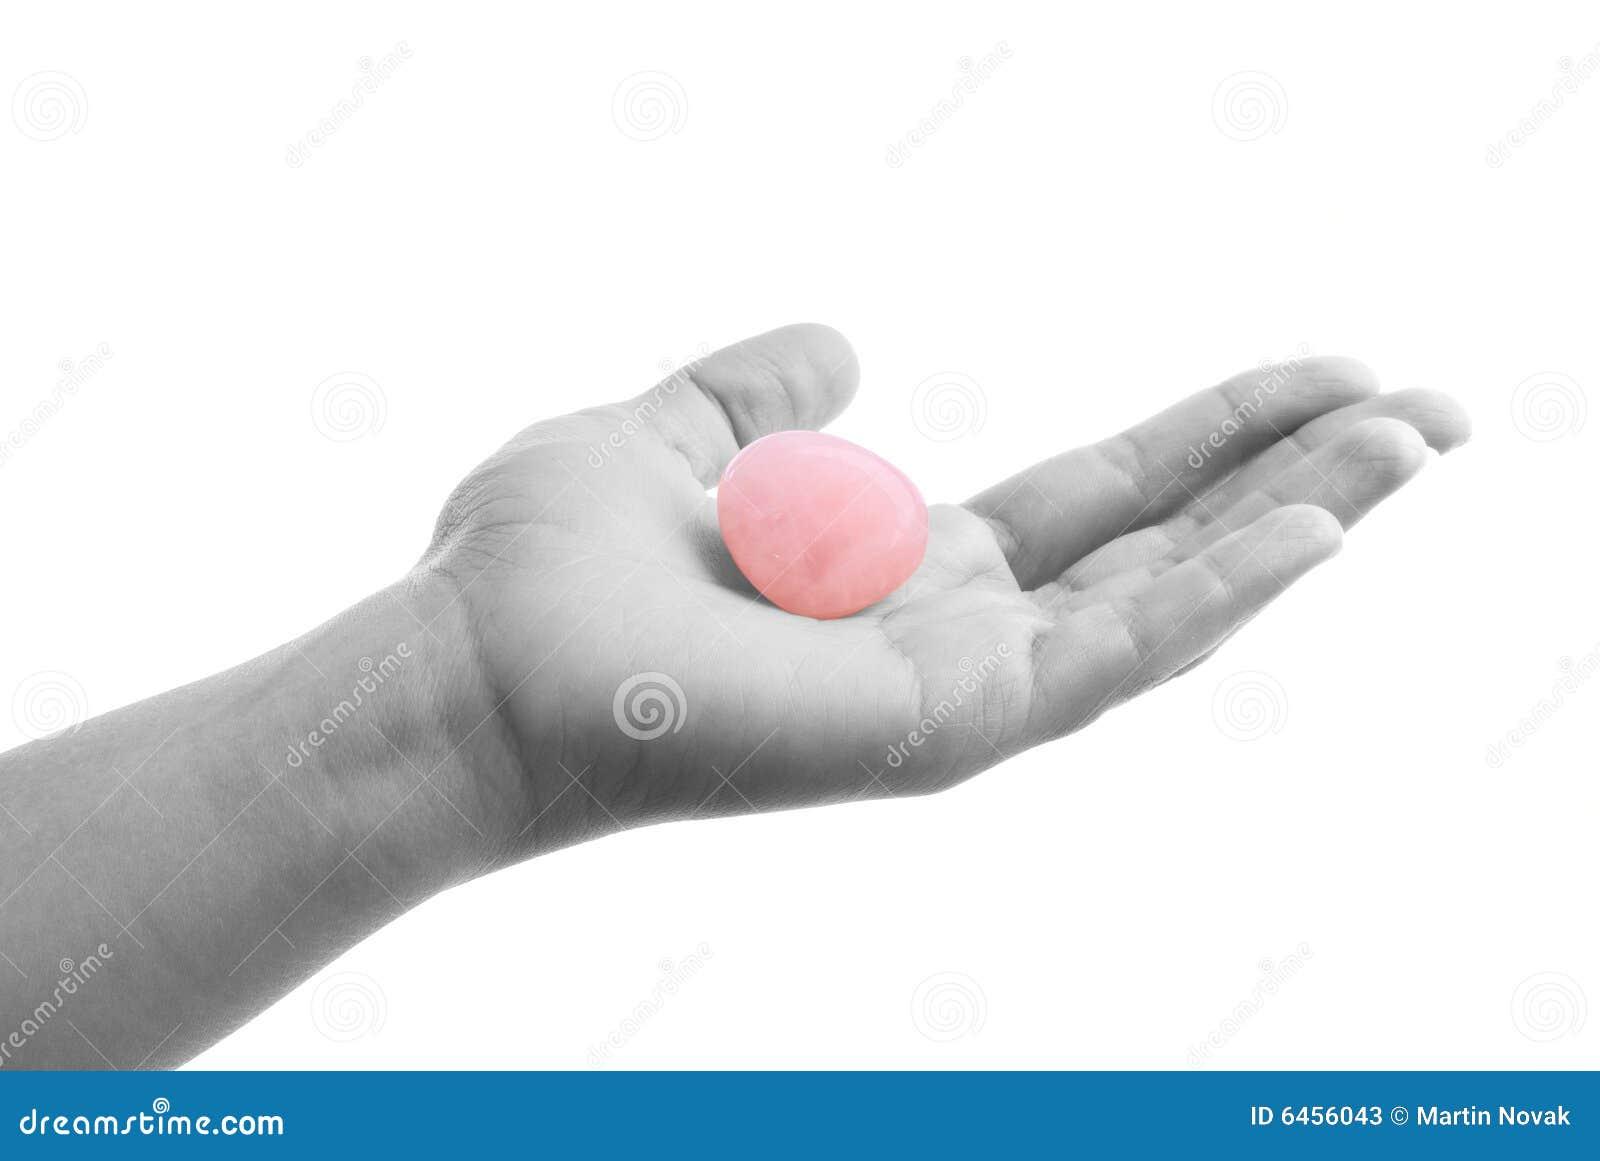 Rose kwarcu ręce